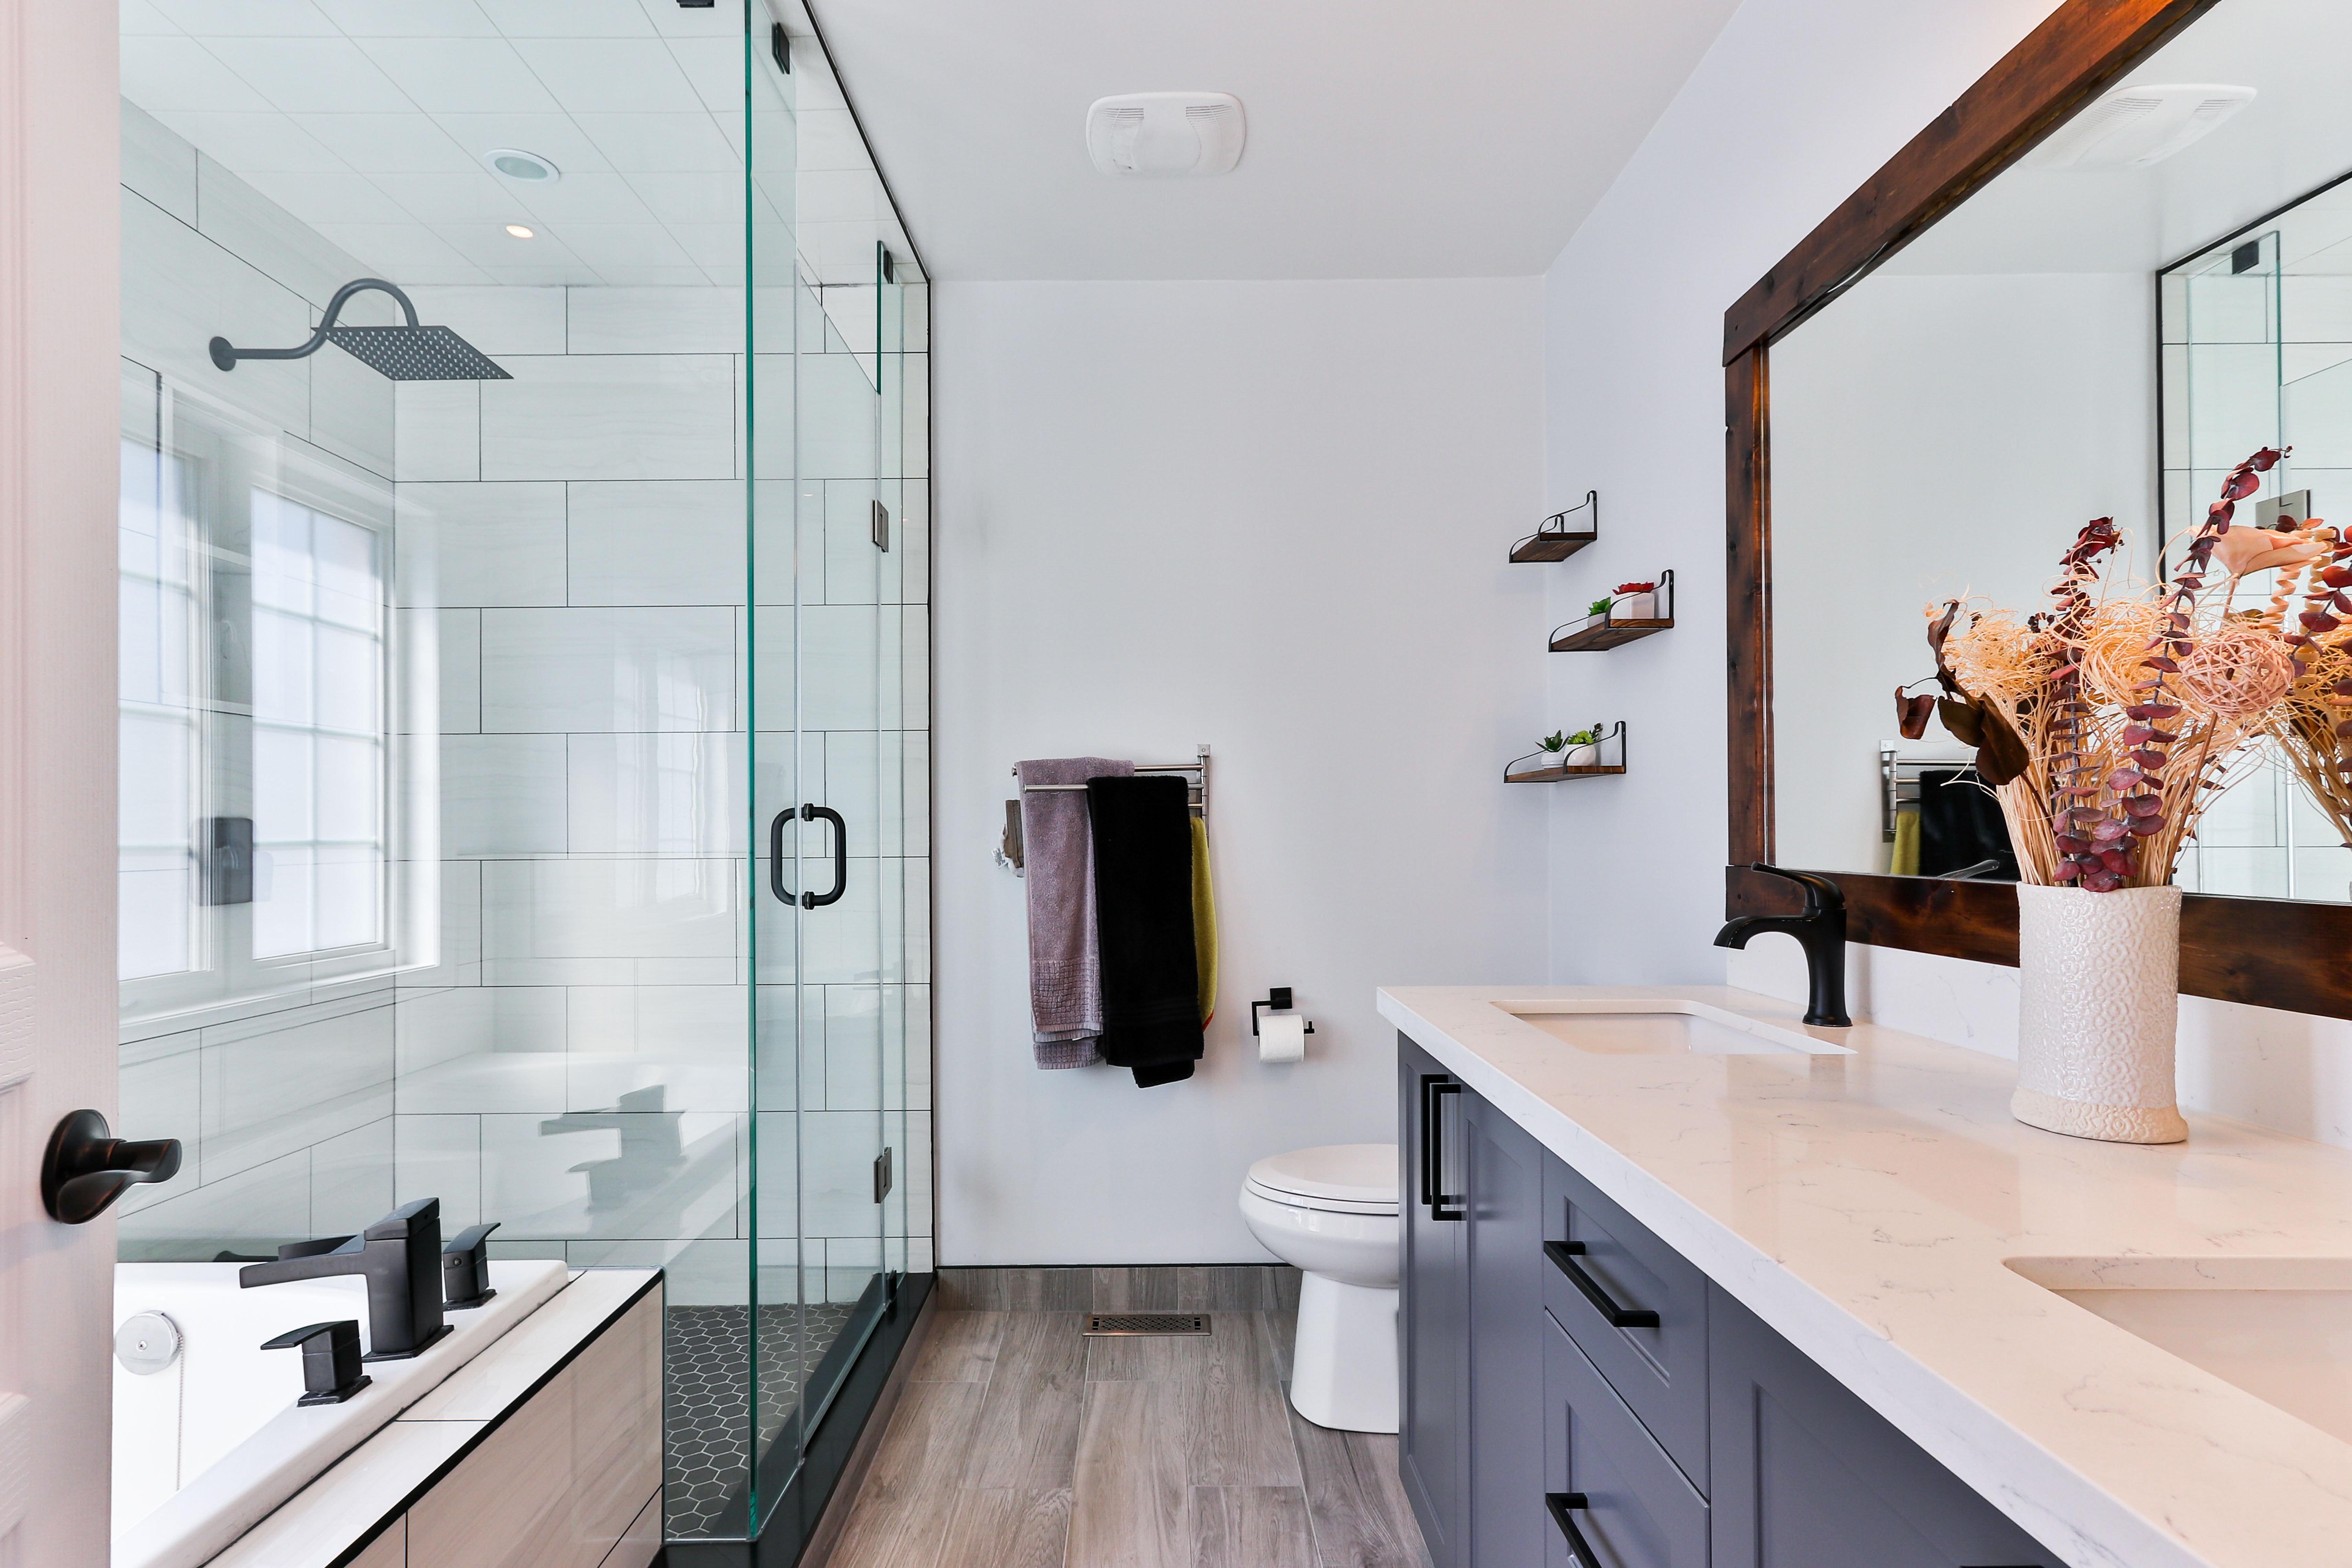 sidekix media g51F6 WYzyU unsplash - Få tørre håndklæder med en håndklædetørrer